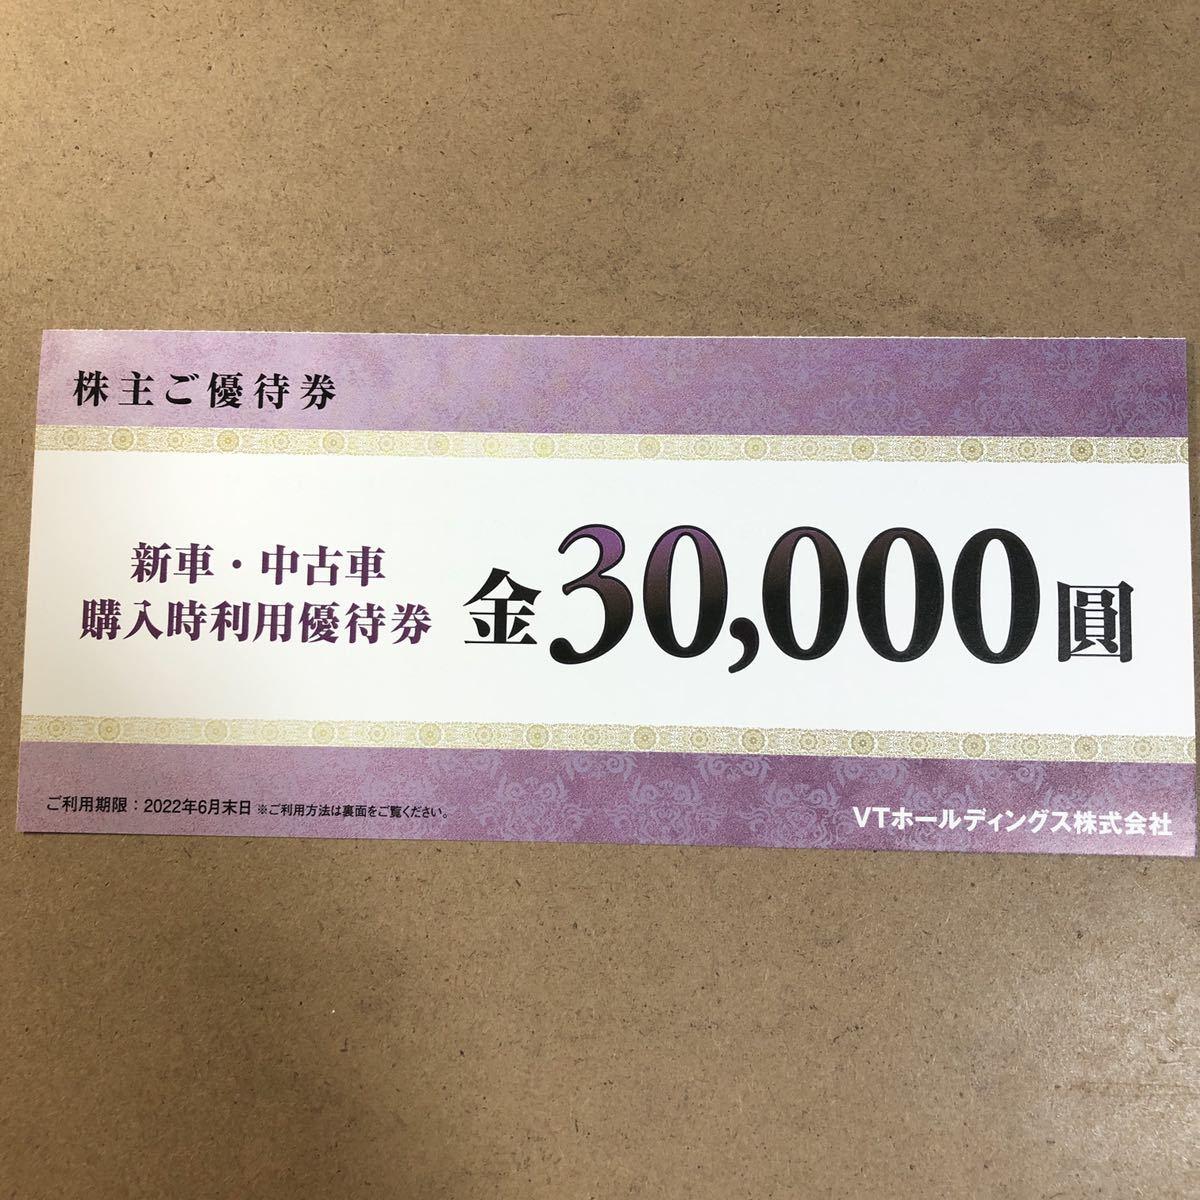 VTホールディングス 株主優待 新車・中古車 3万円割引券 クーポン券 株主優待券 30000円_画像1